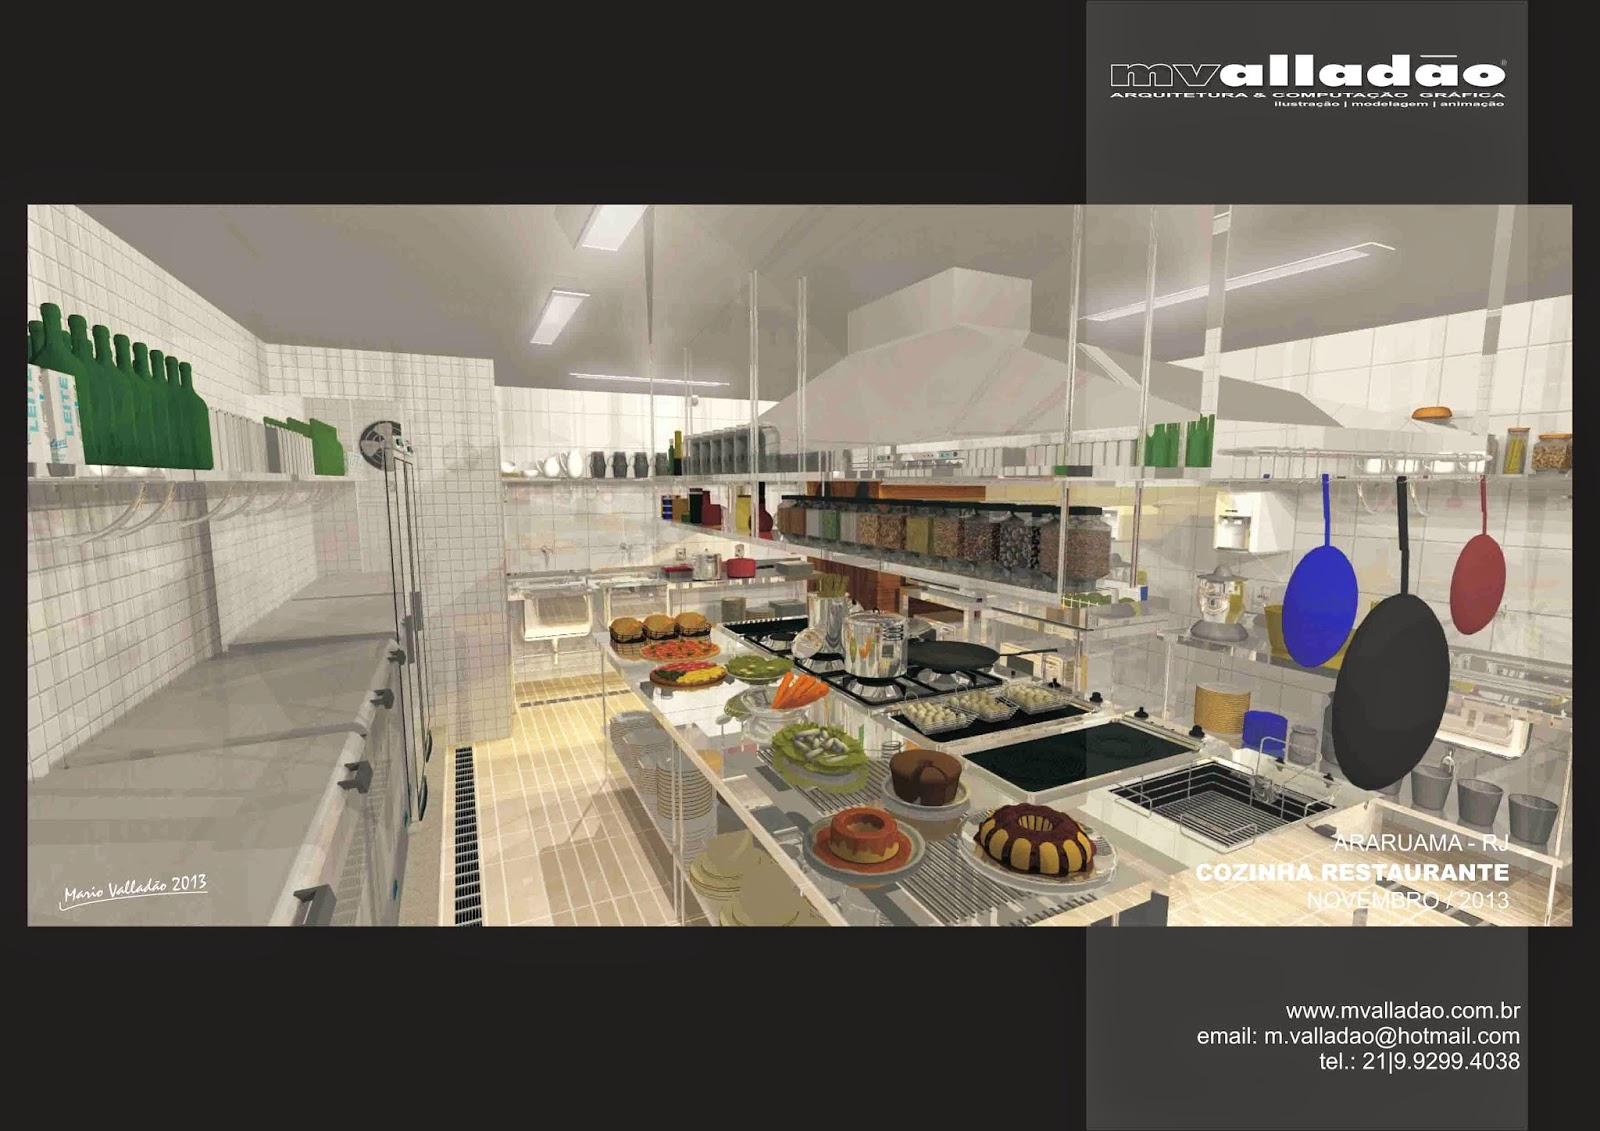 #2B2BA0  gráfica: Cozinha de Restaurante Vila Capri Araruama RJ 1600x1131 px Projetos Cozinhas Industriais #73 imagens